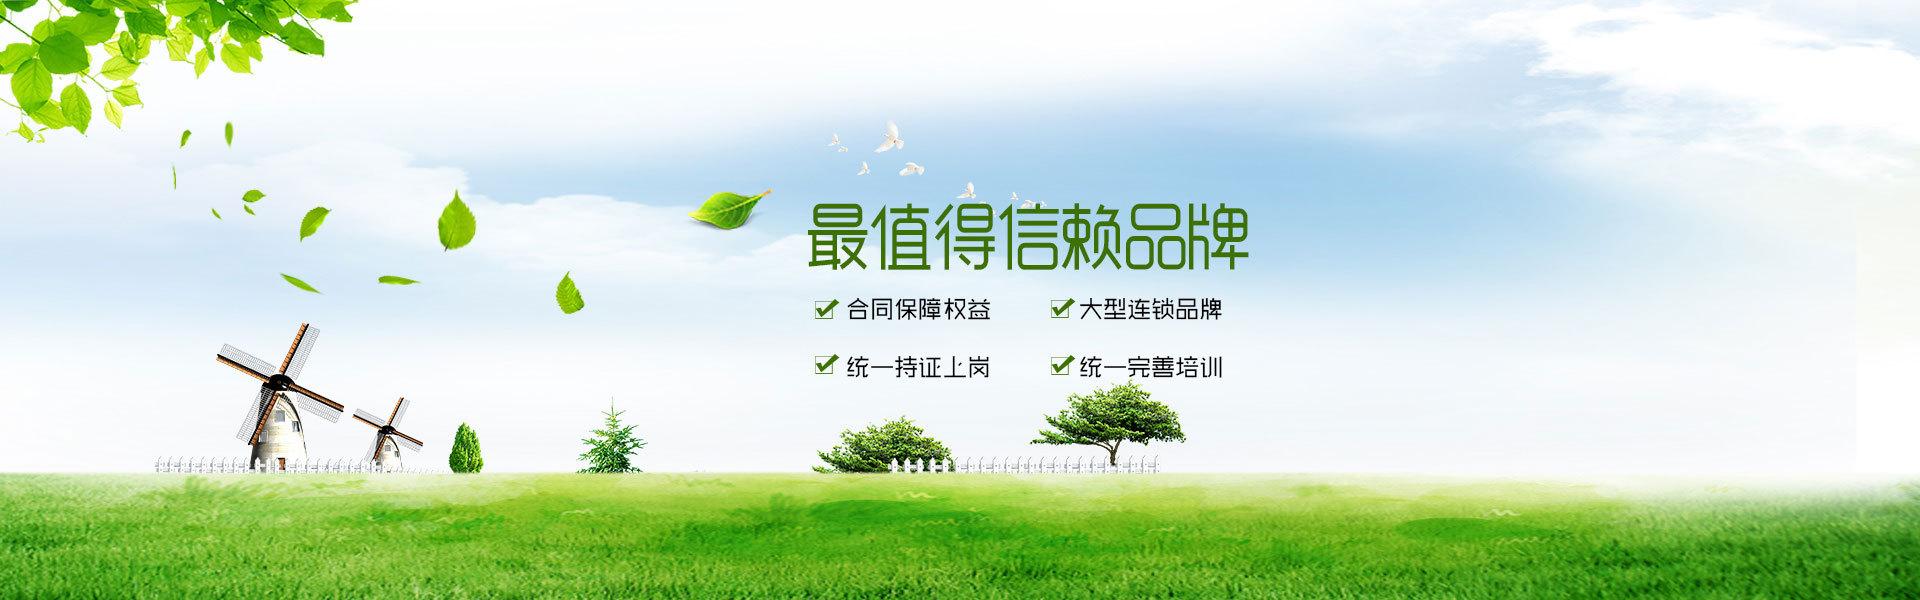 武汉土力肥业有限公司网站形象图之一